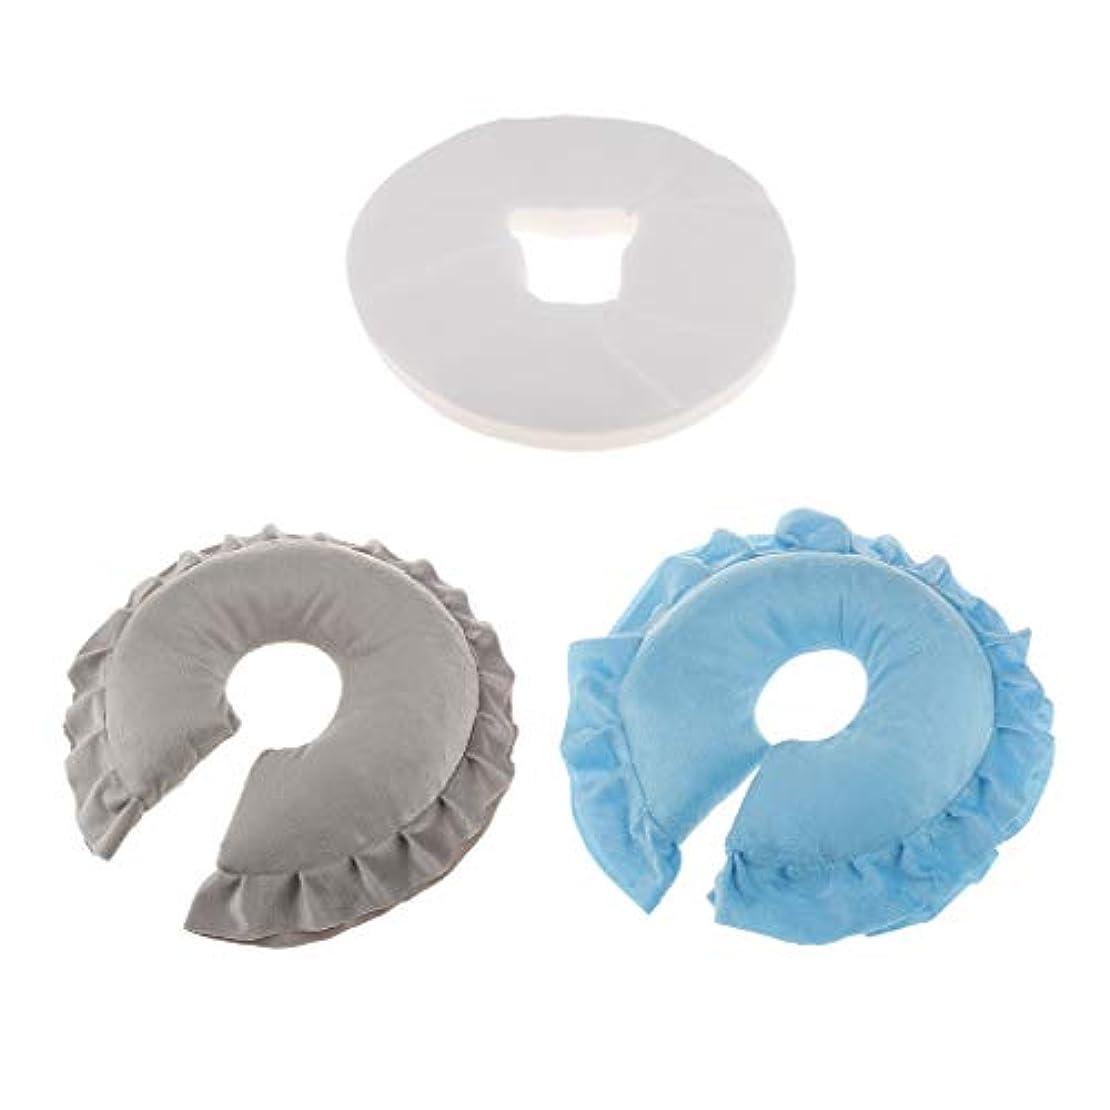 粉砕する払い戻し上がるdailymall 2x美容院のマッサージの顔の揺りかごの枕+100の使い捨て可能なクッションカバー